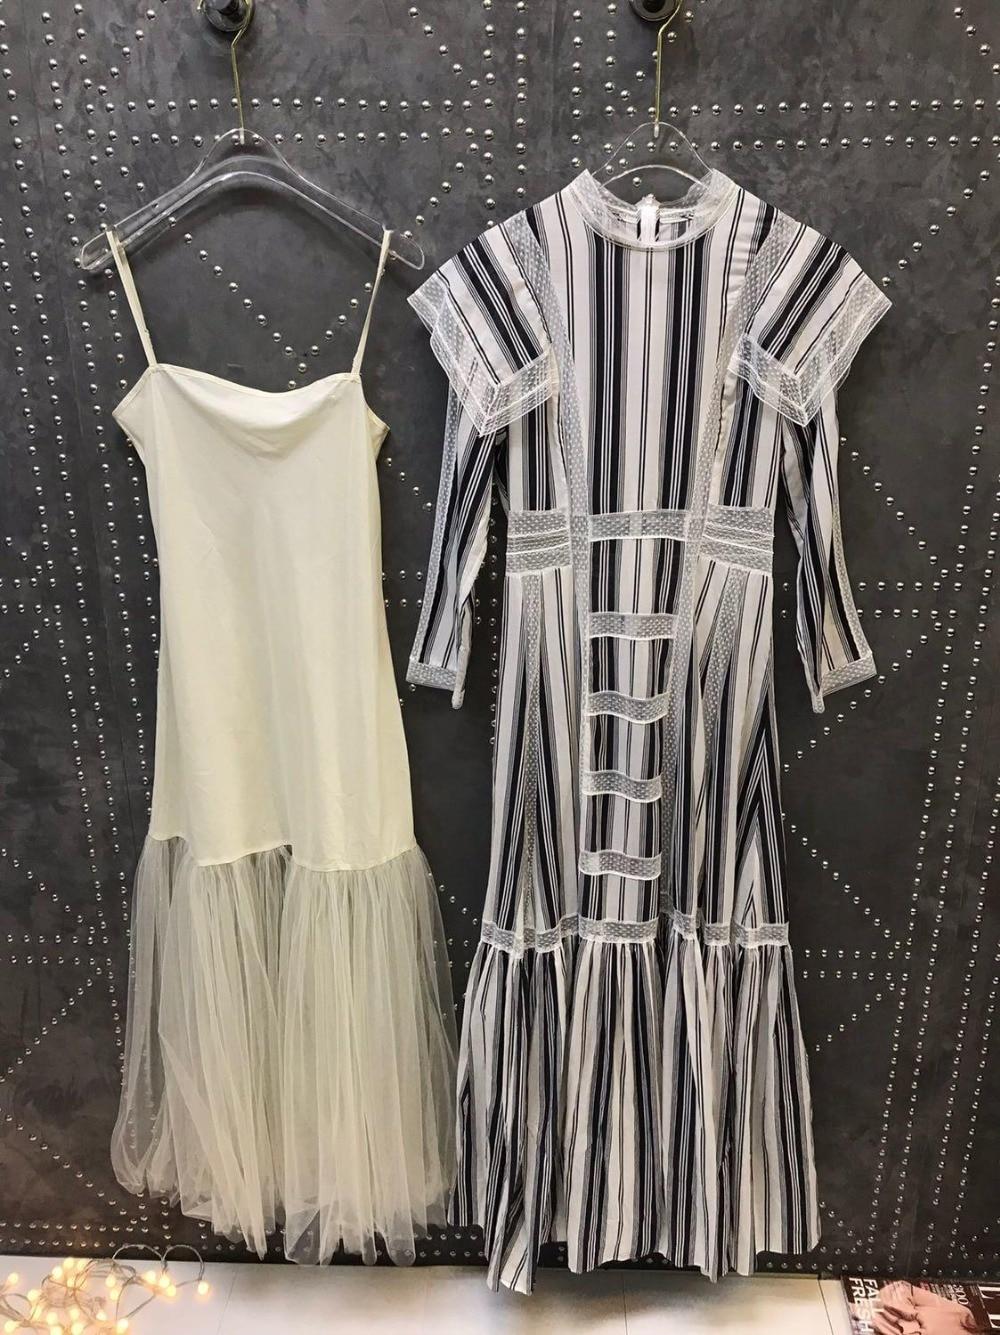 2019 Ранняя весна Дамы Новый Полосатый кружево длинное платье 0328